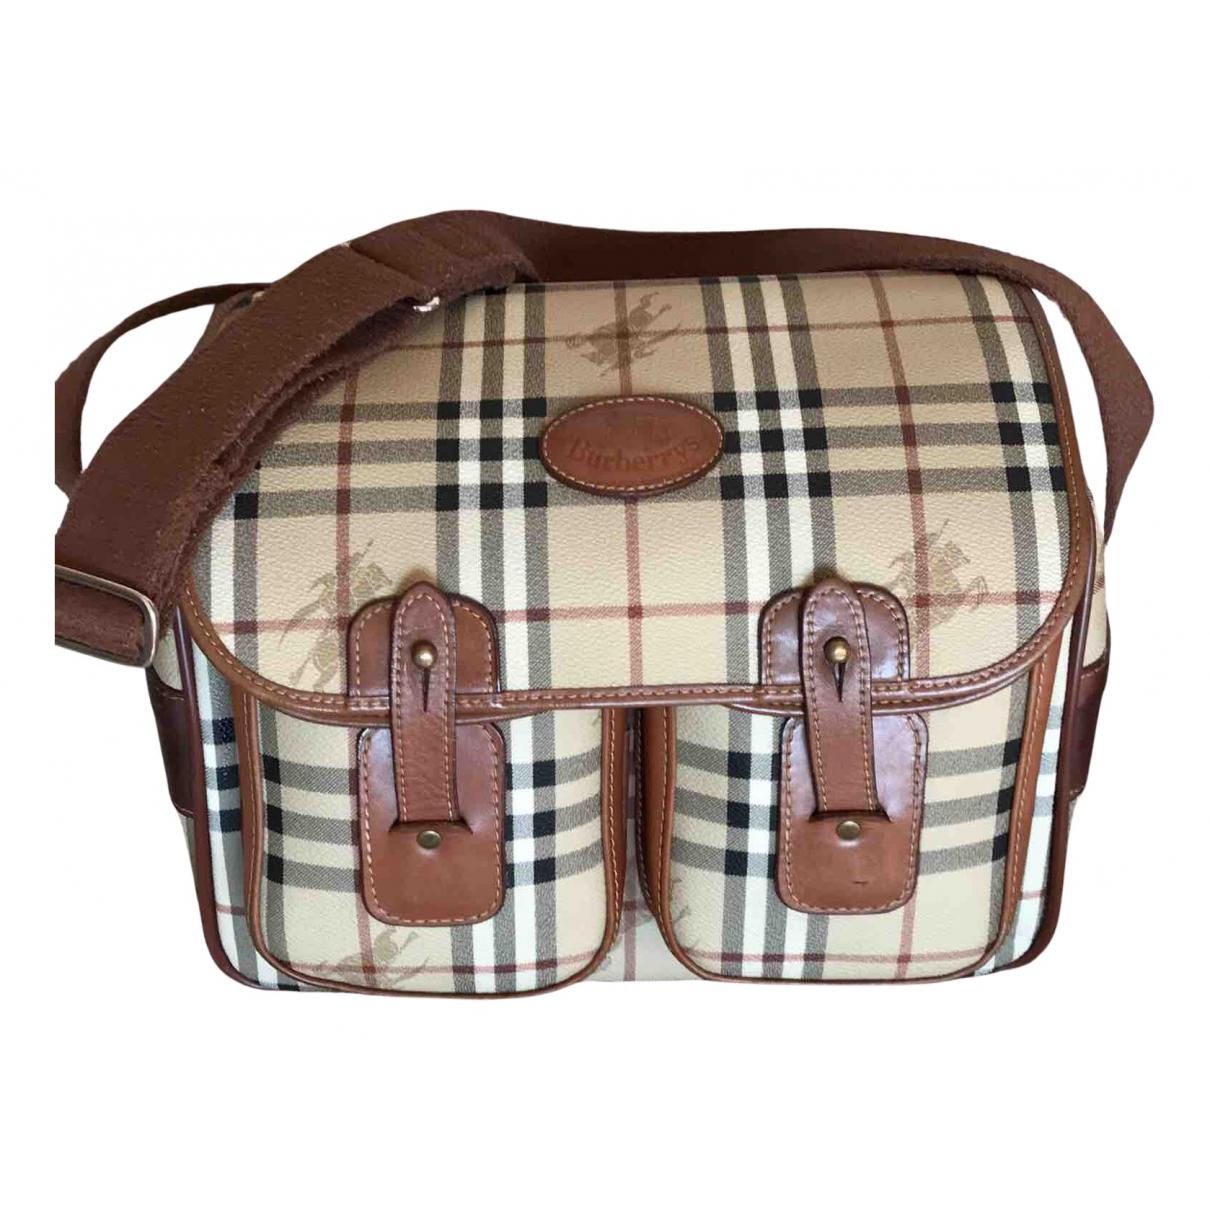 Burberry N handbag for Women N